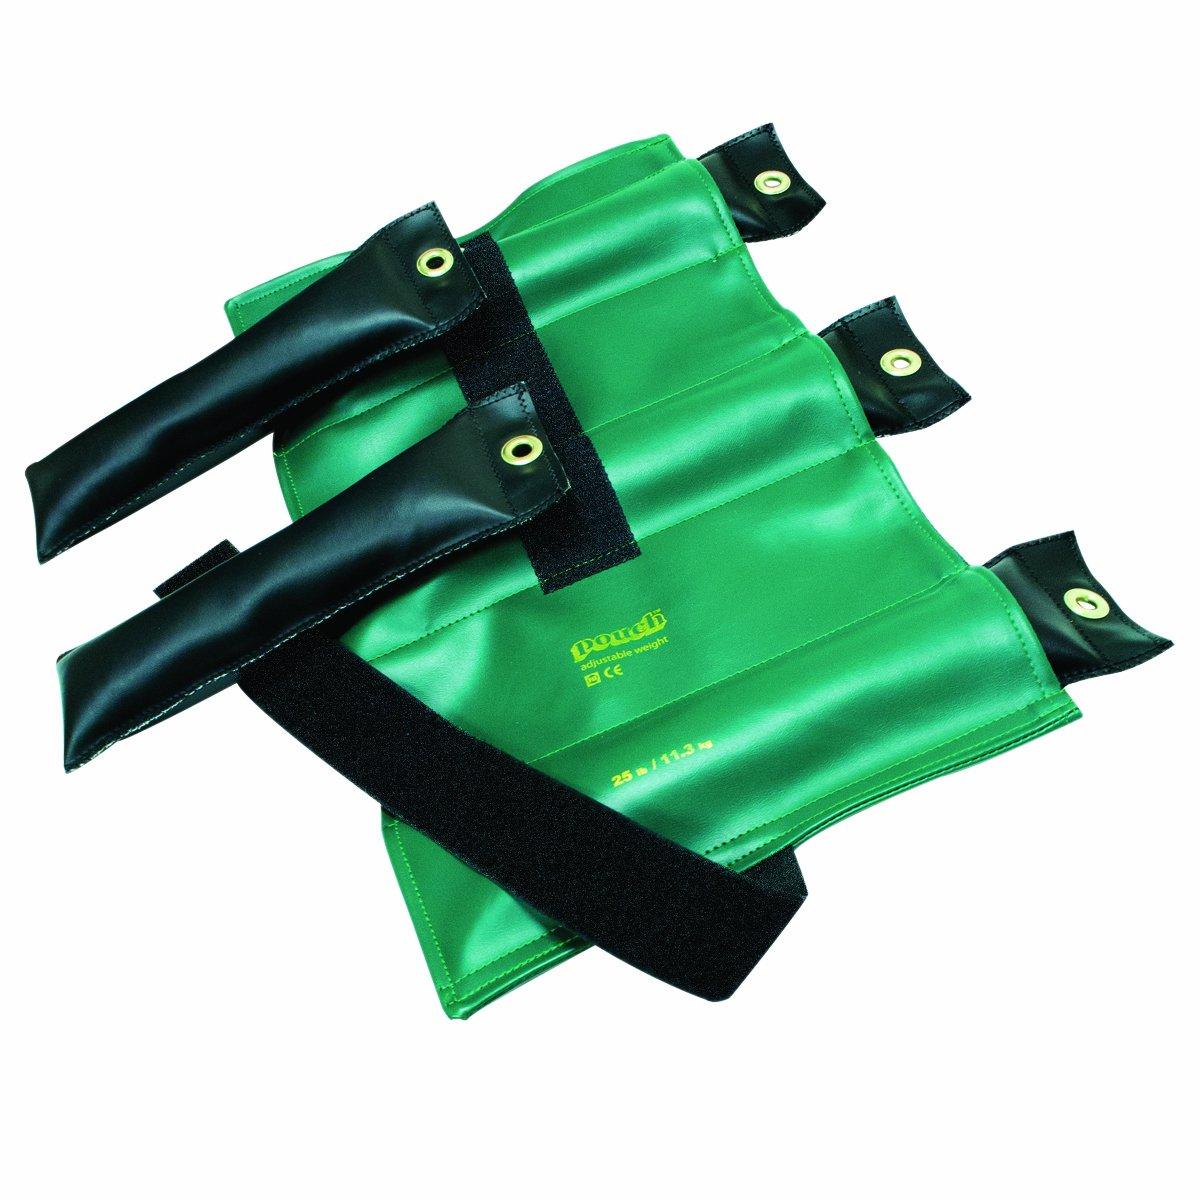 Die Manschette 10–3335–2 Pädiatrische Knöchel Gewicht, 2 lb, 12 x 0,17 LB fügt, Tan, 11.3 kg, grün, 1